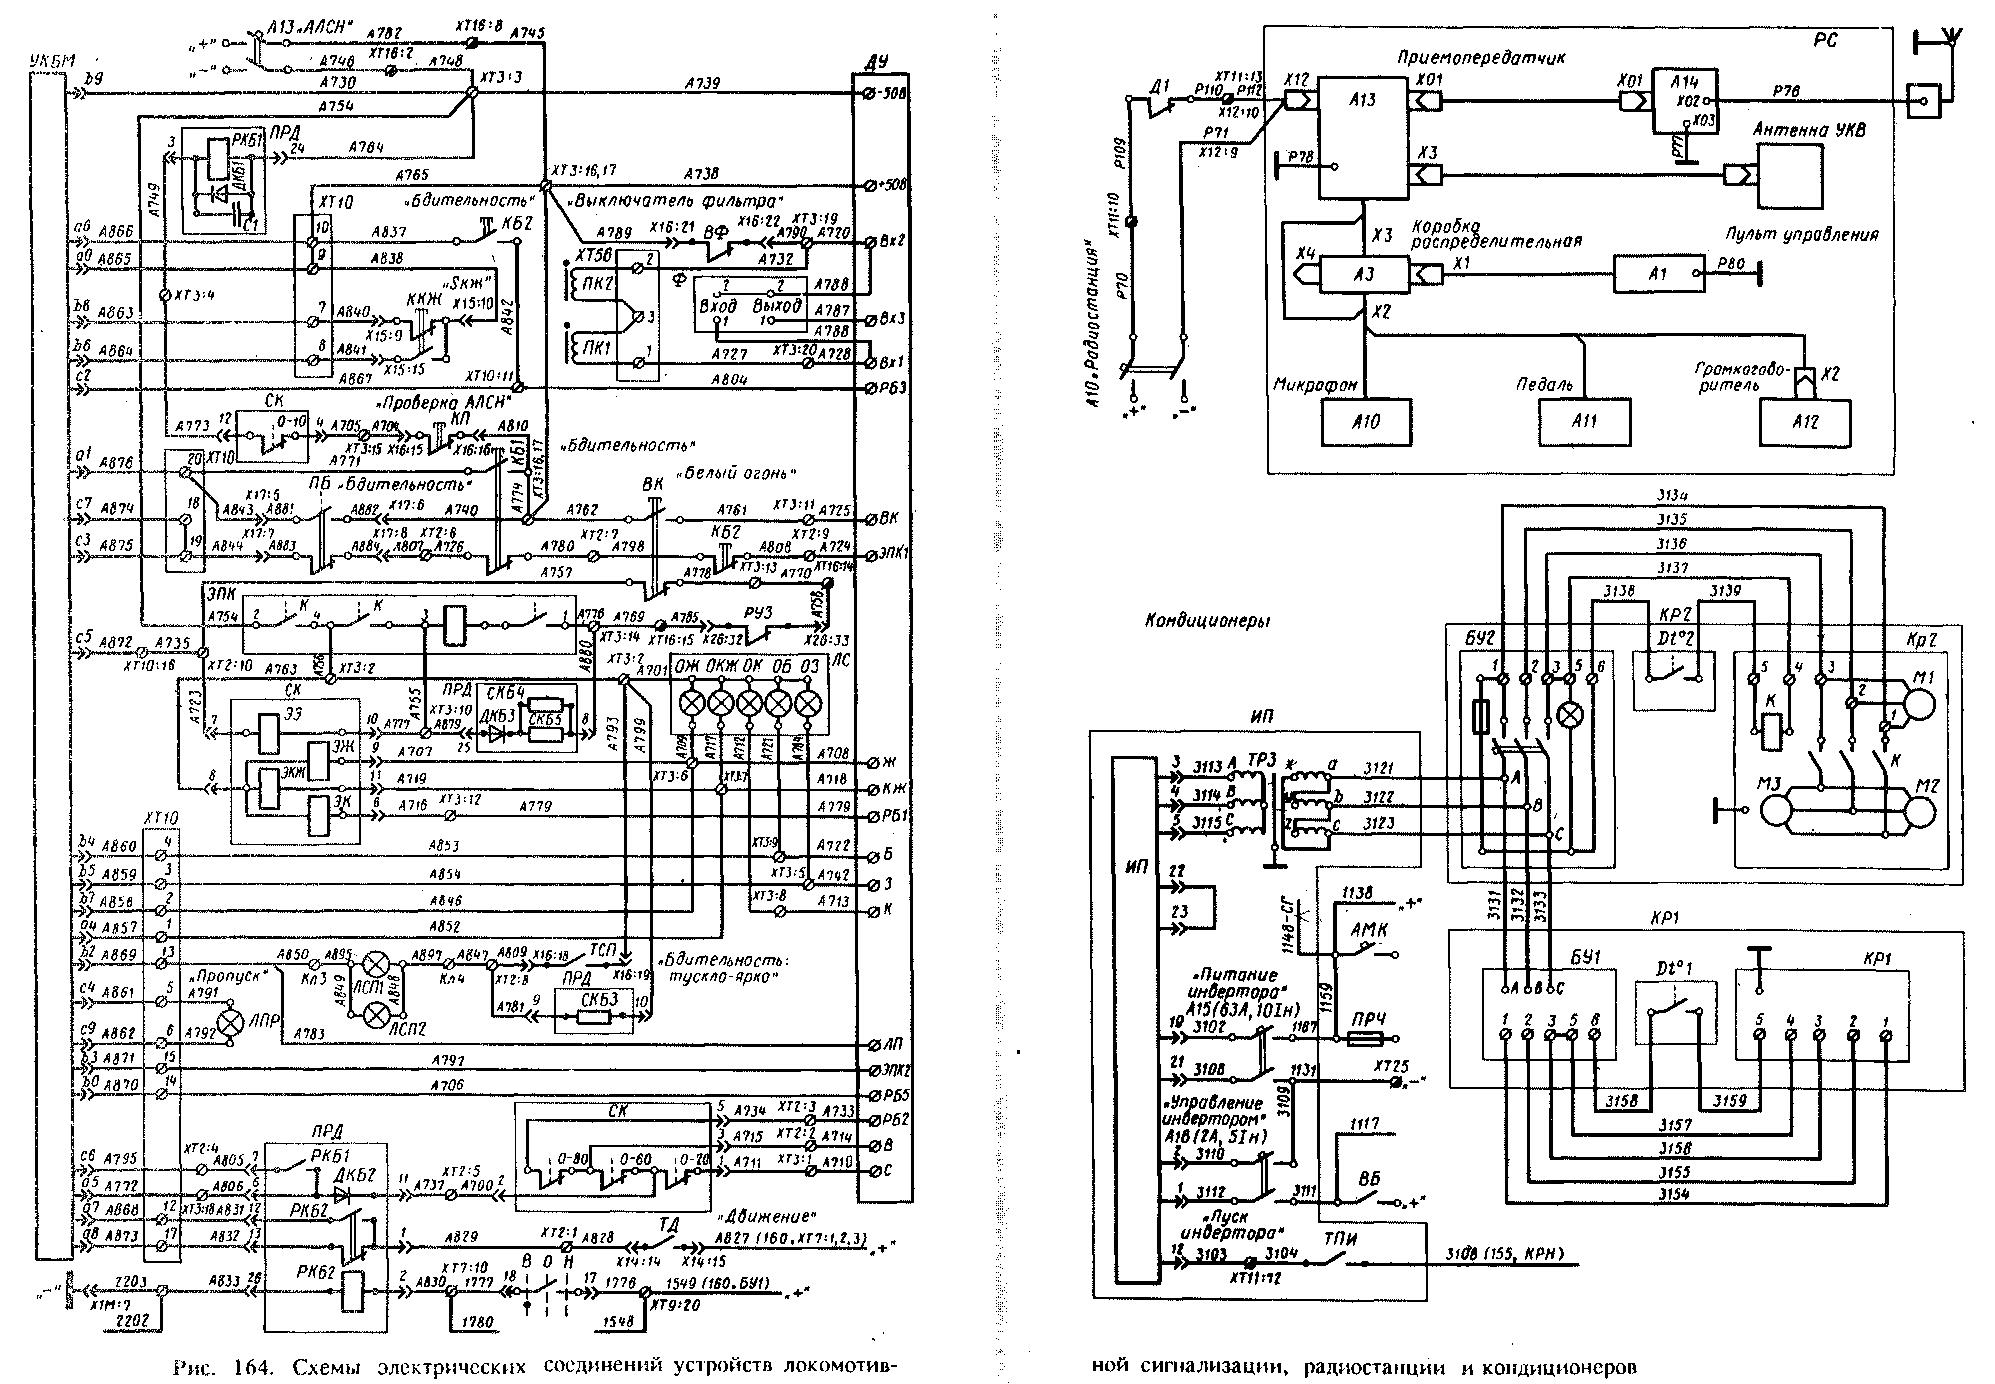 Аварийная схема тепловоза 2тэ116